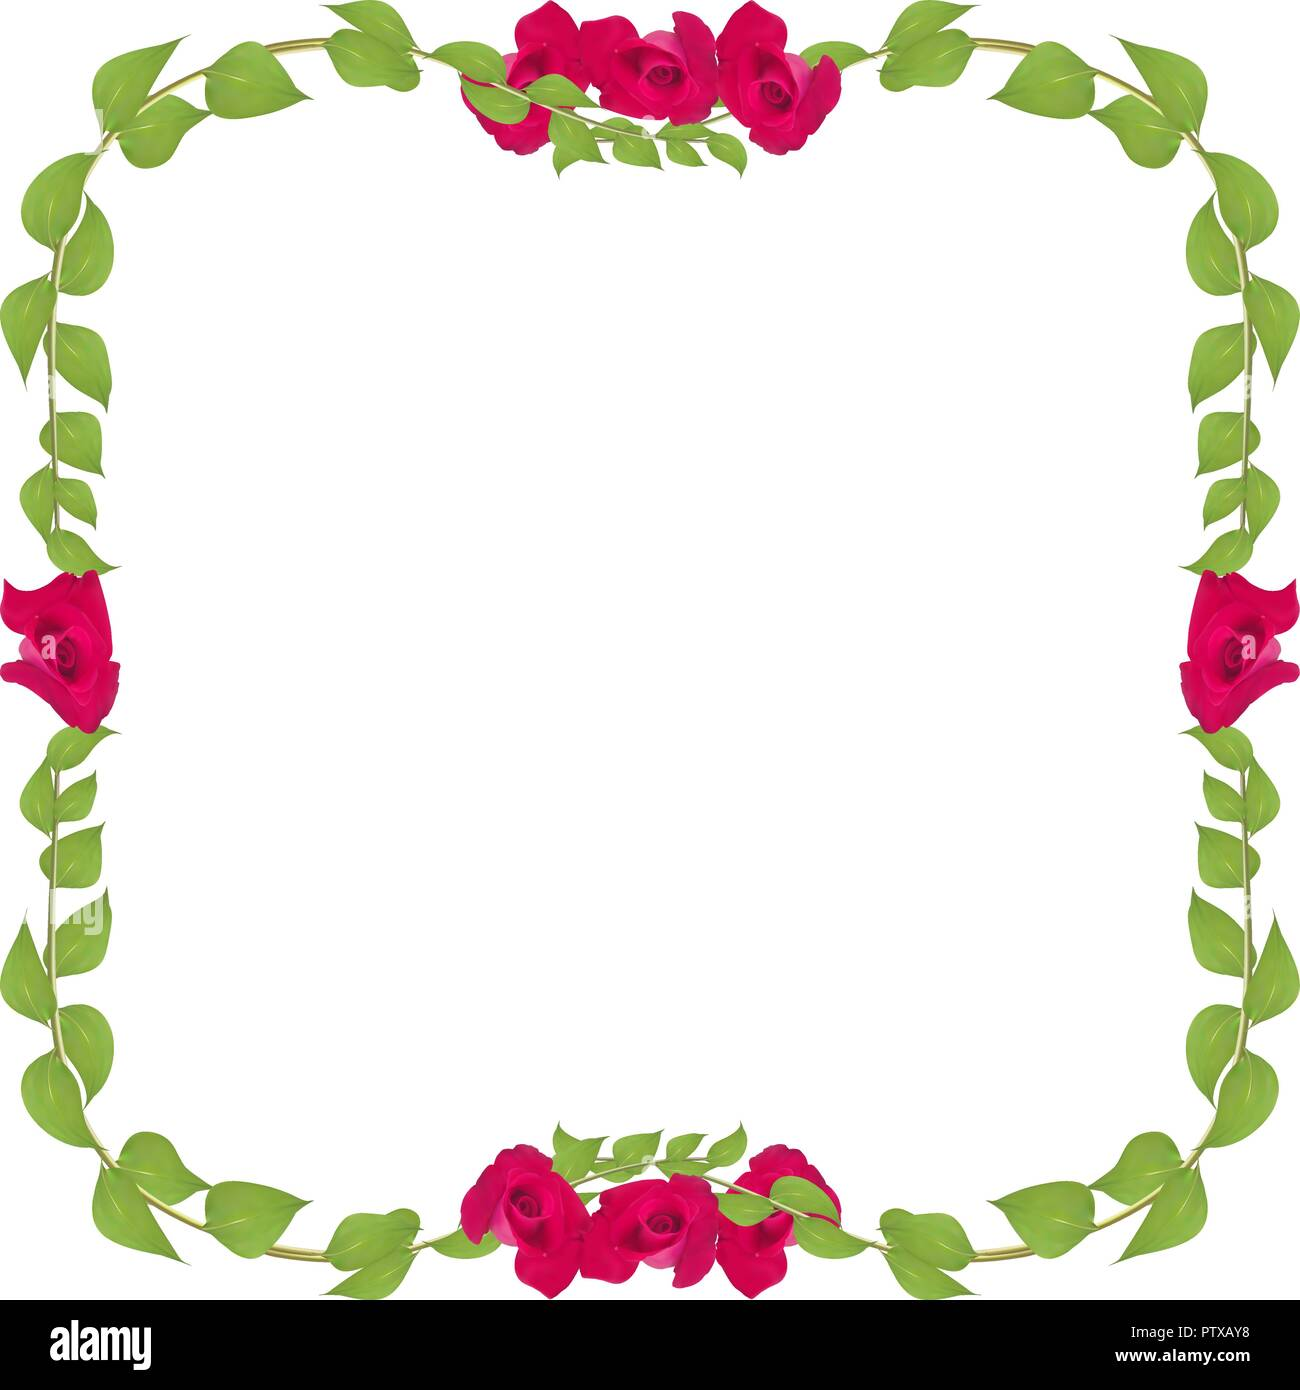 Bastidor De Vectores De Hojas Y Ramitas Con Rosas Rojas